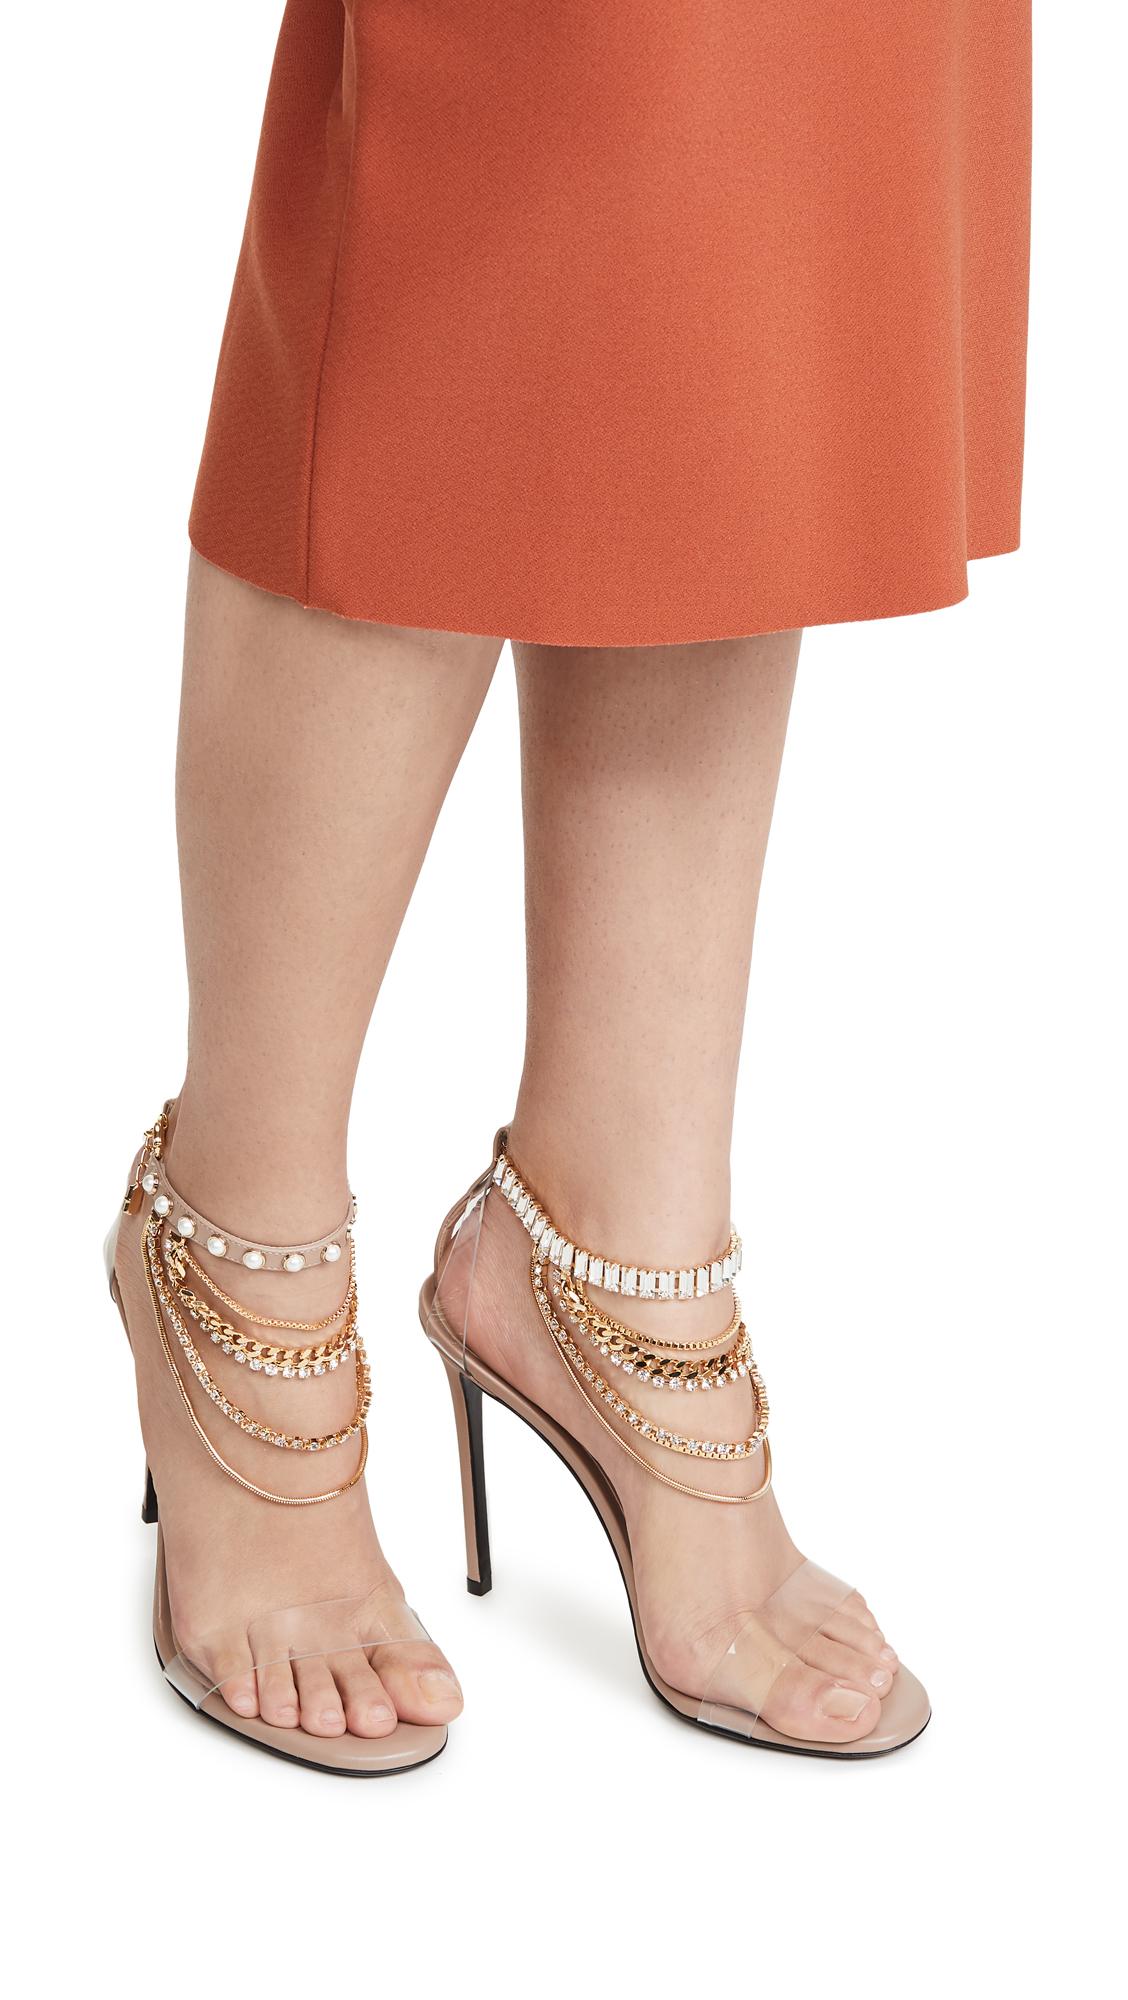 Buy Alevi Milano Giada Sandals online, shop Alevi Milano